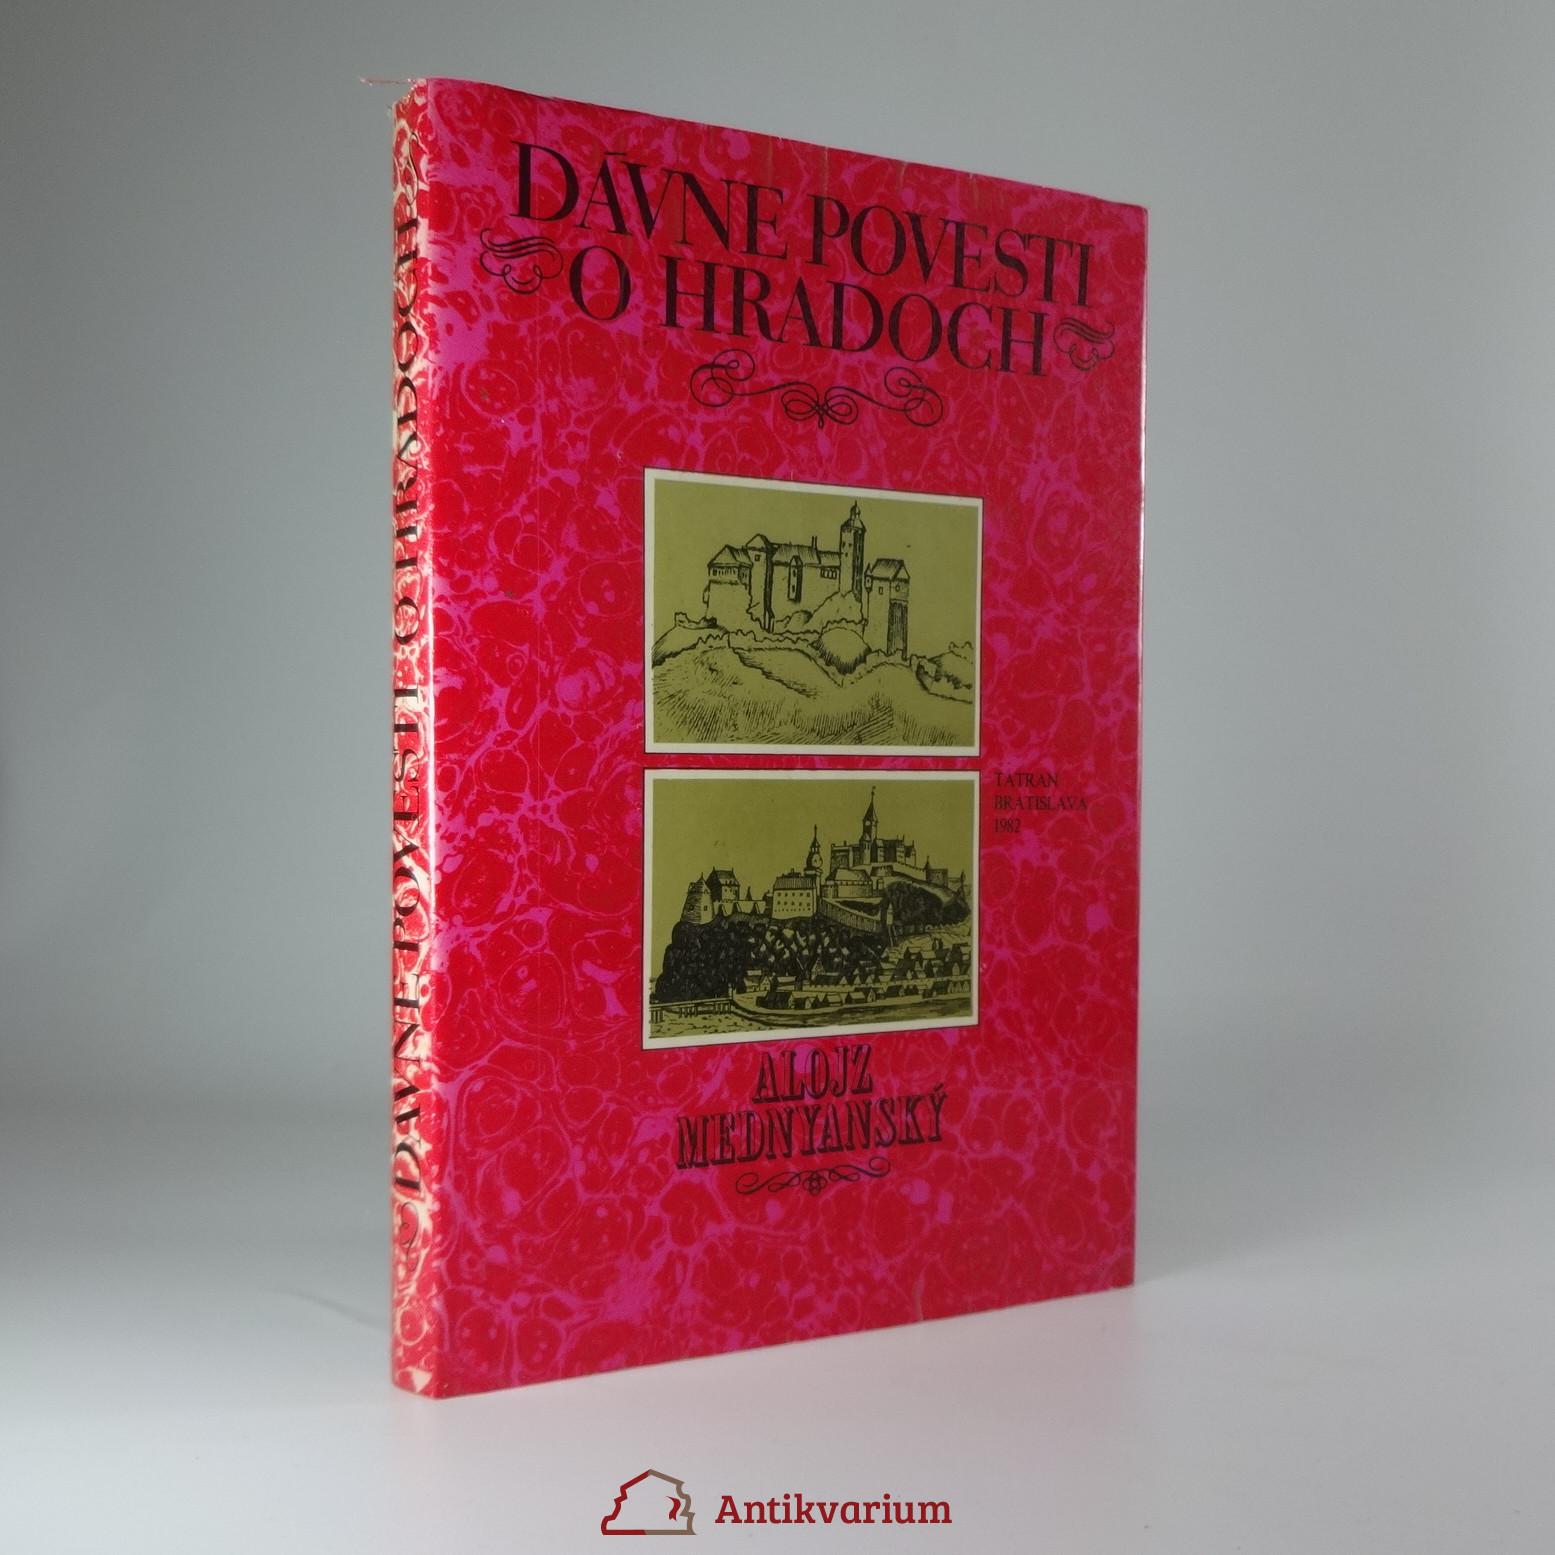 antikvární kniha Dávne povesti o hradoch, 1982